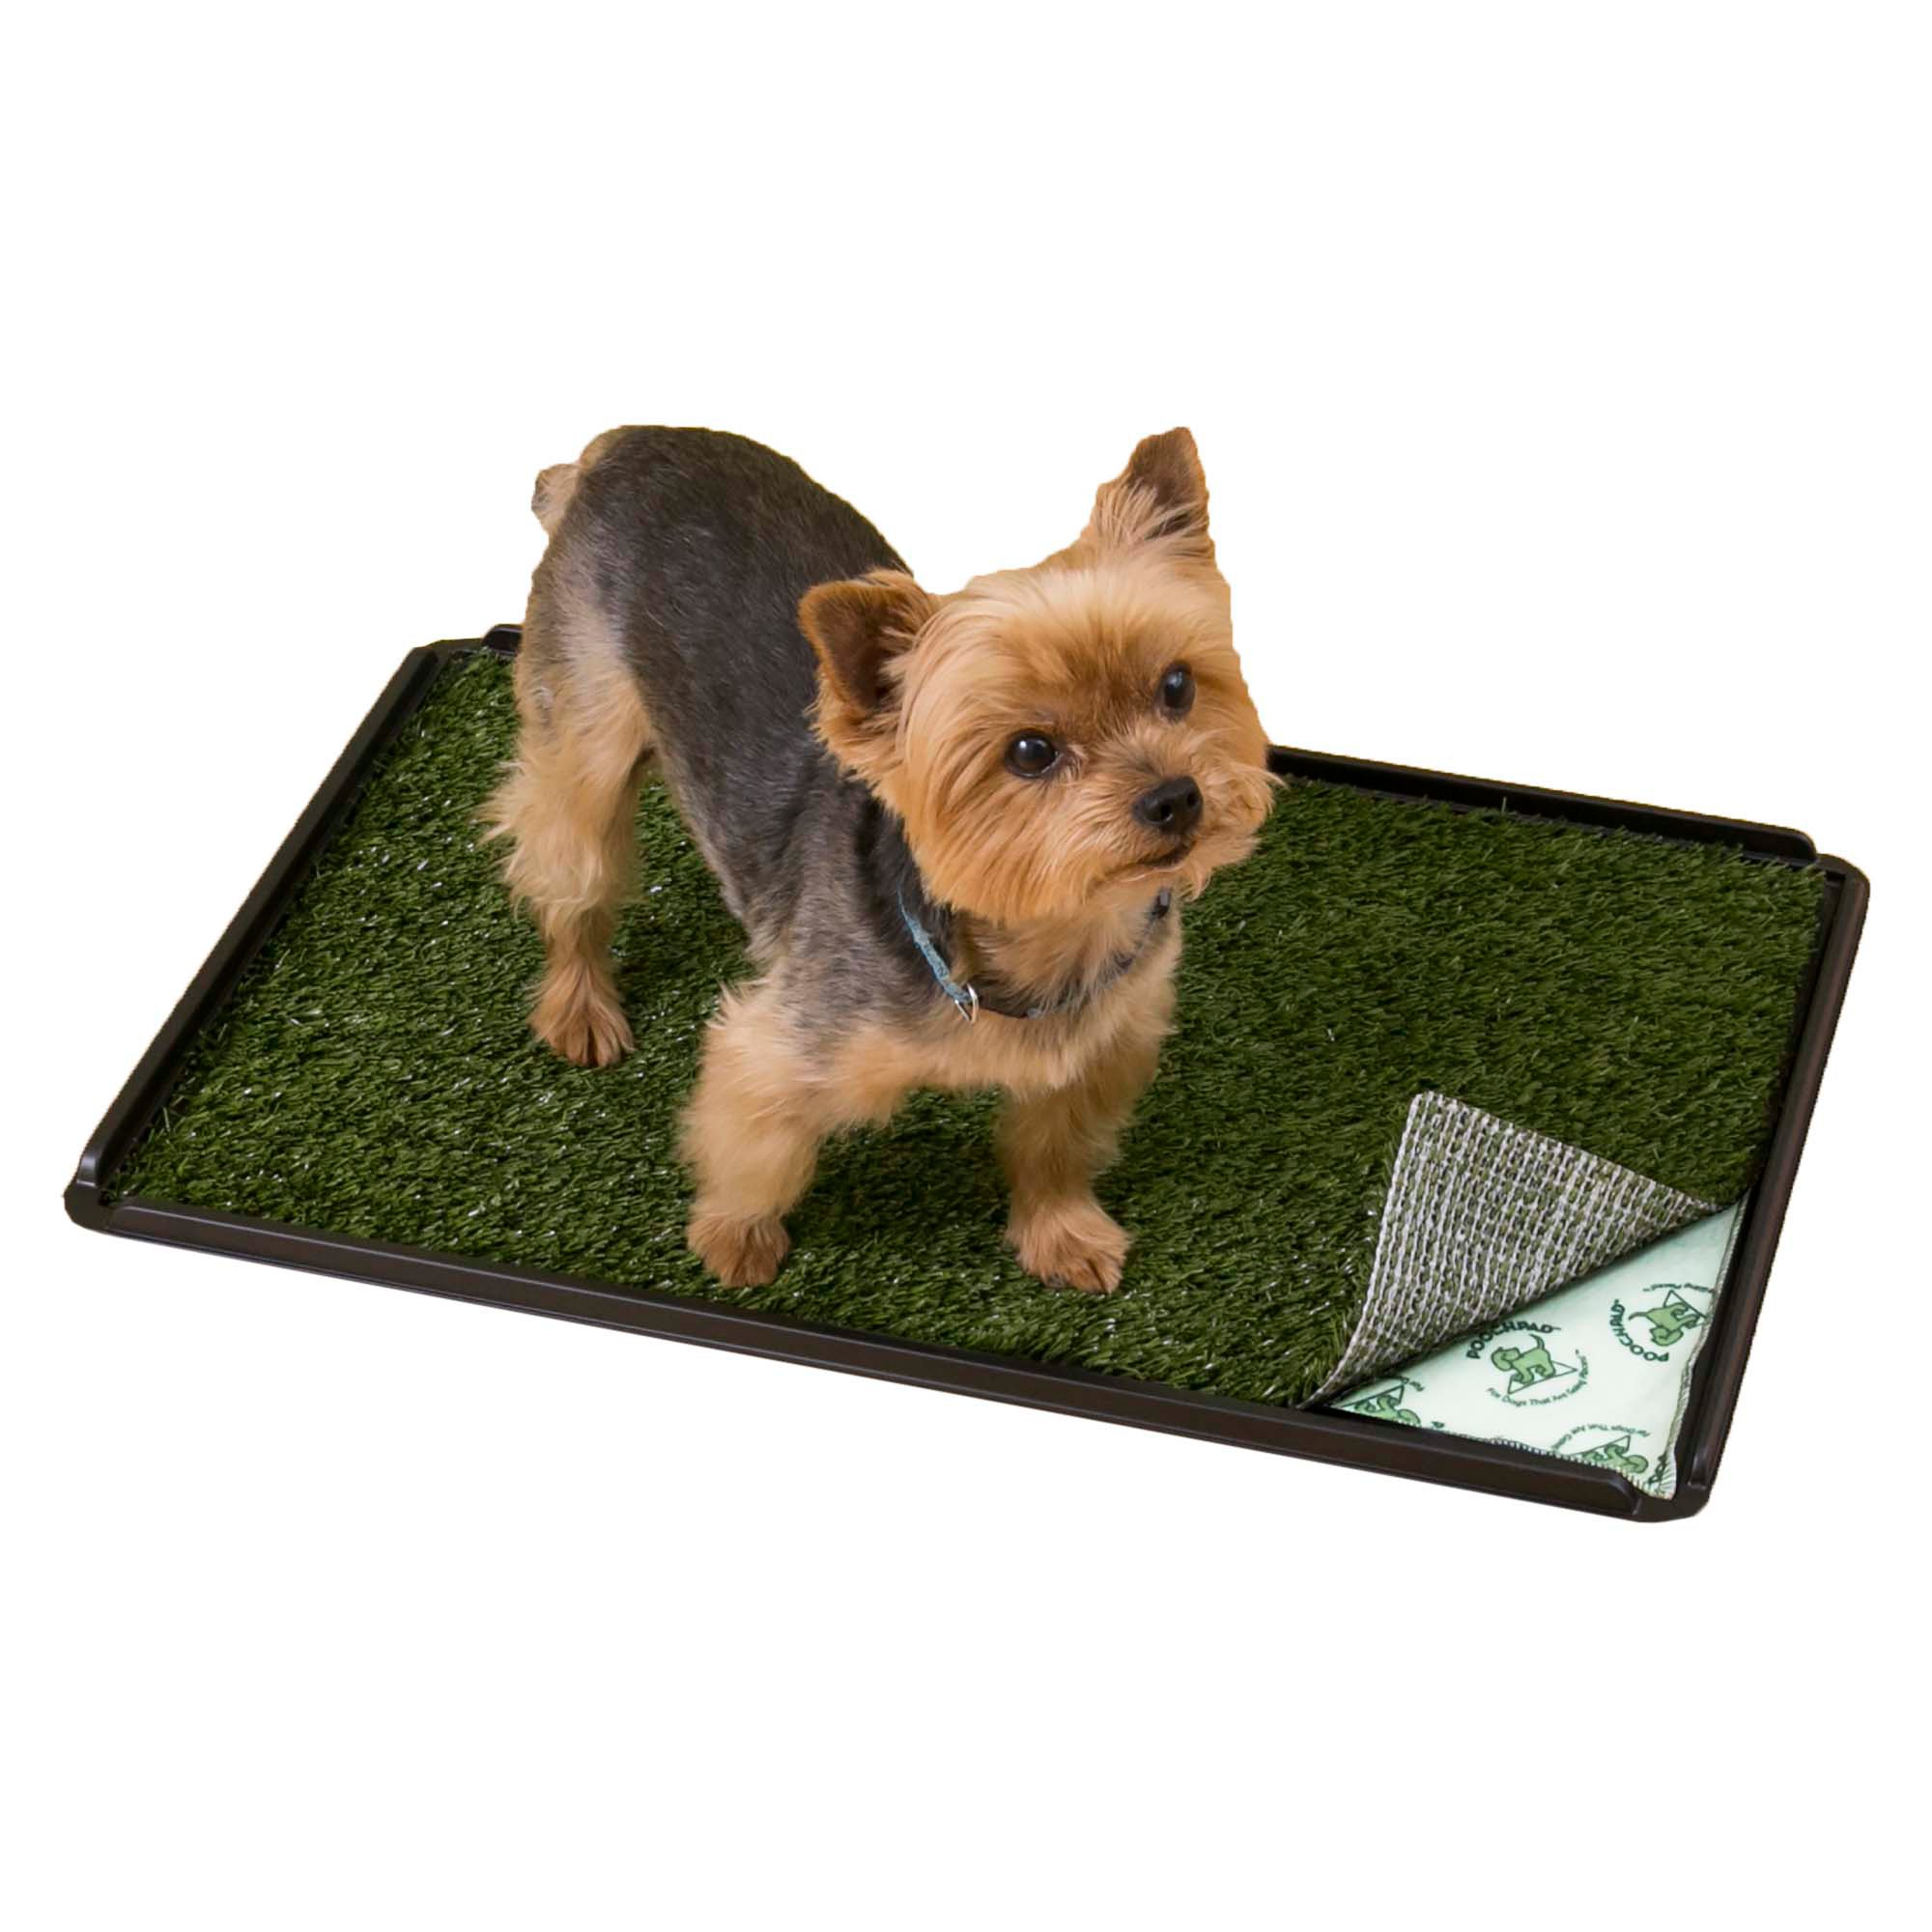 Petco Dog Training Prices